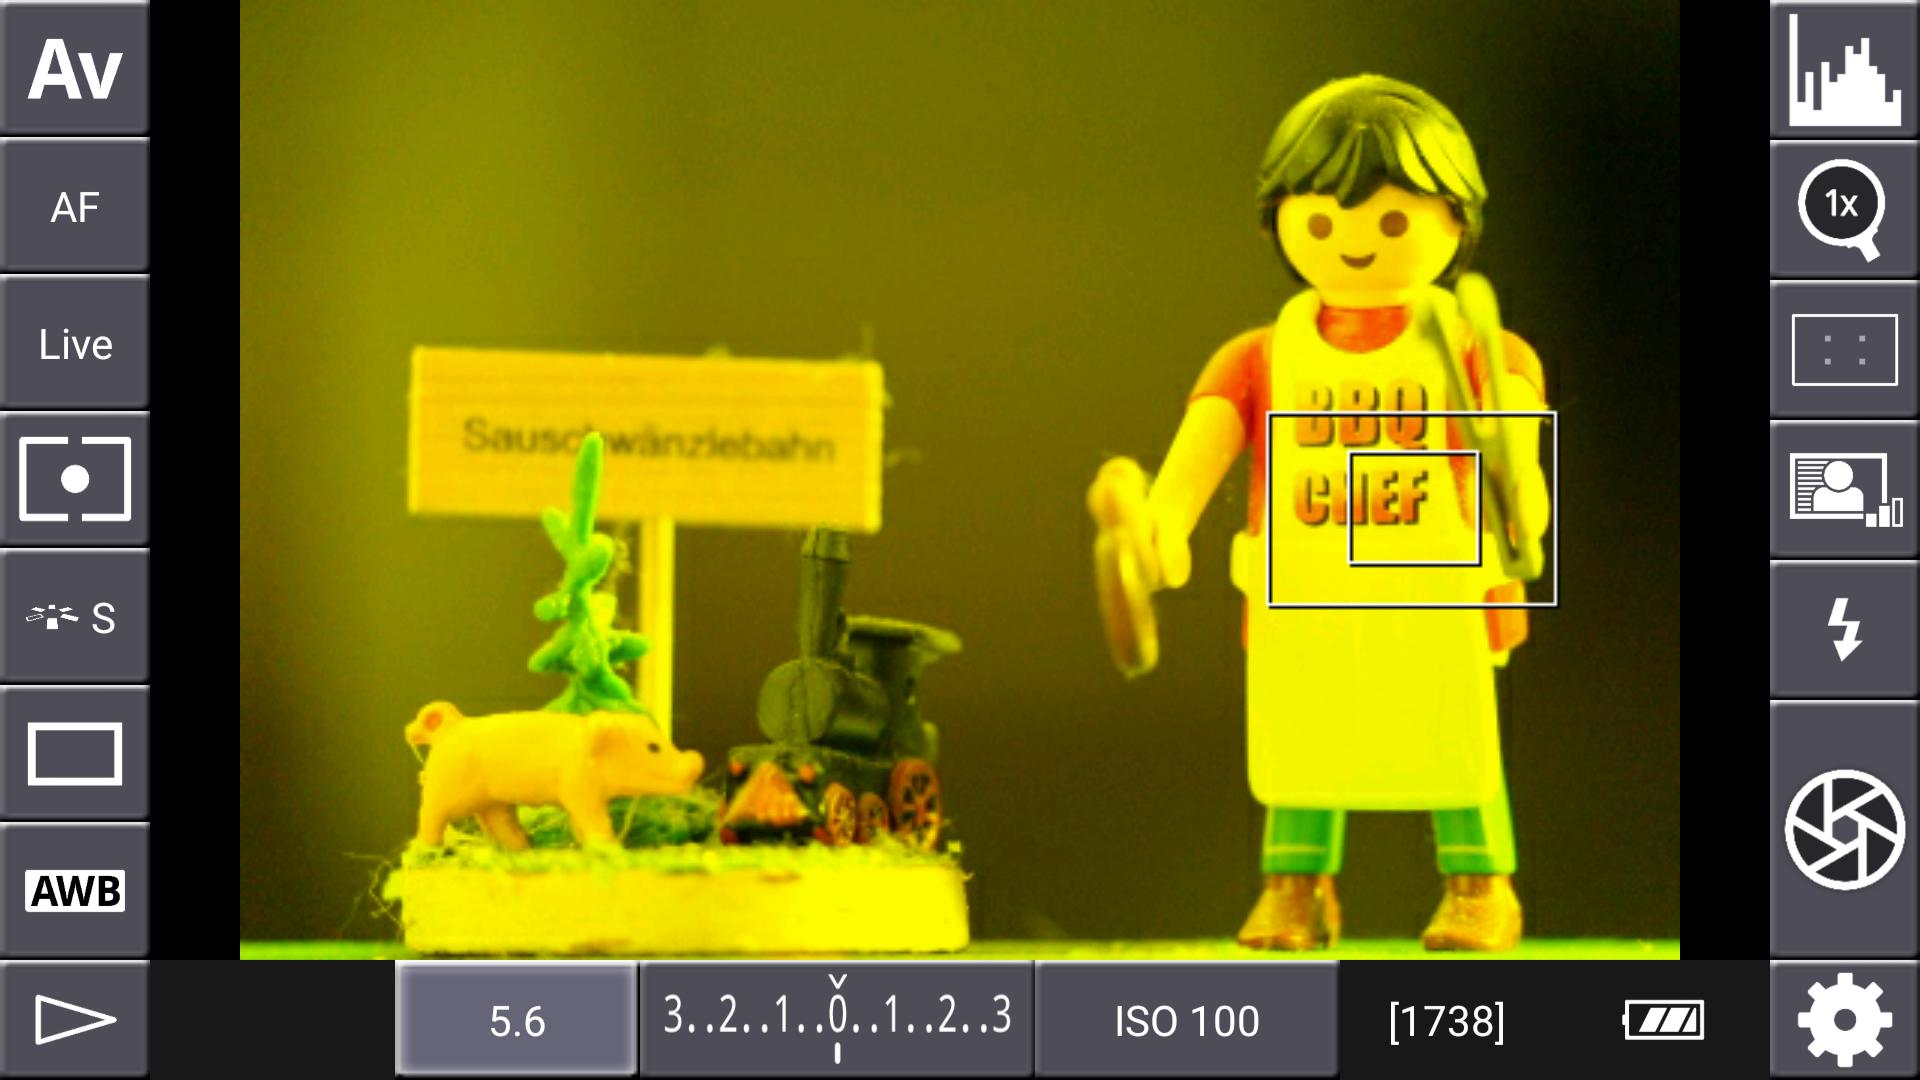 DSLR-Controller Anleitung - Display filter: Channel Mask (Rot + Grün)